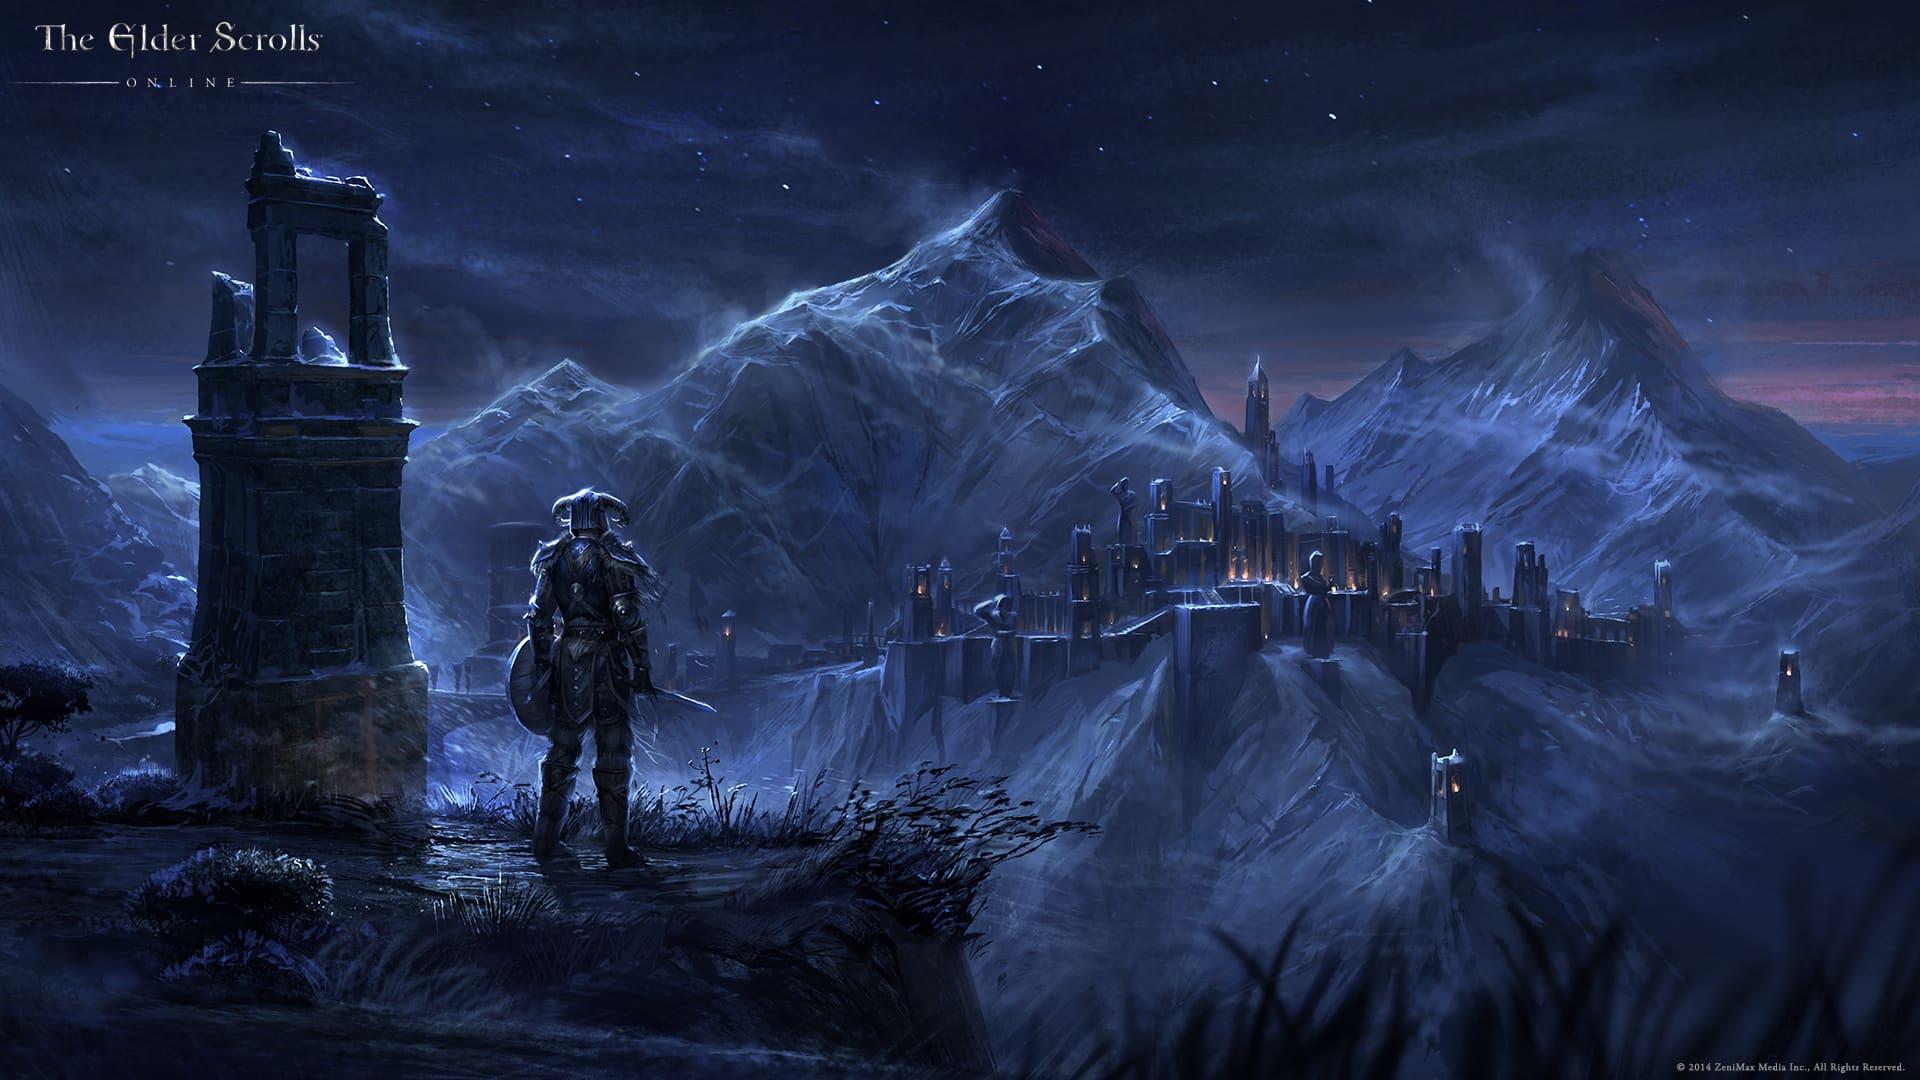 The Elder Scrolls Online Legends Wallpapers: The Elder Scrolls Online